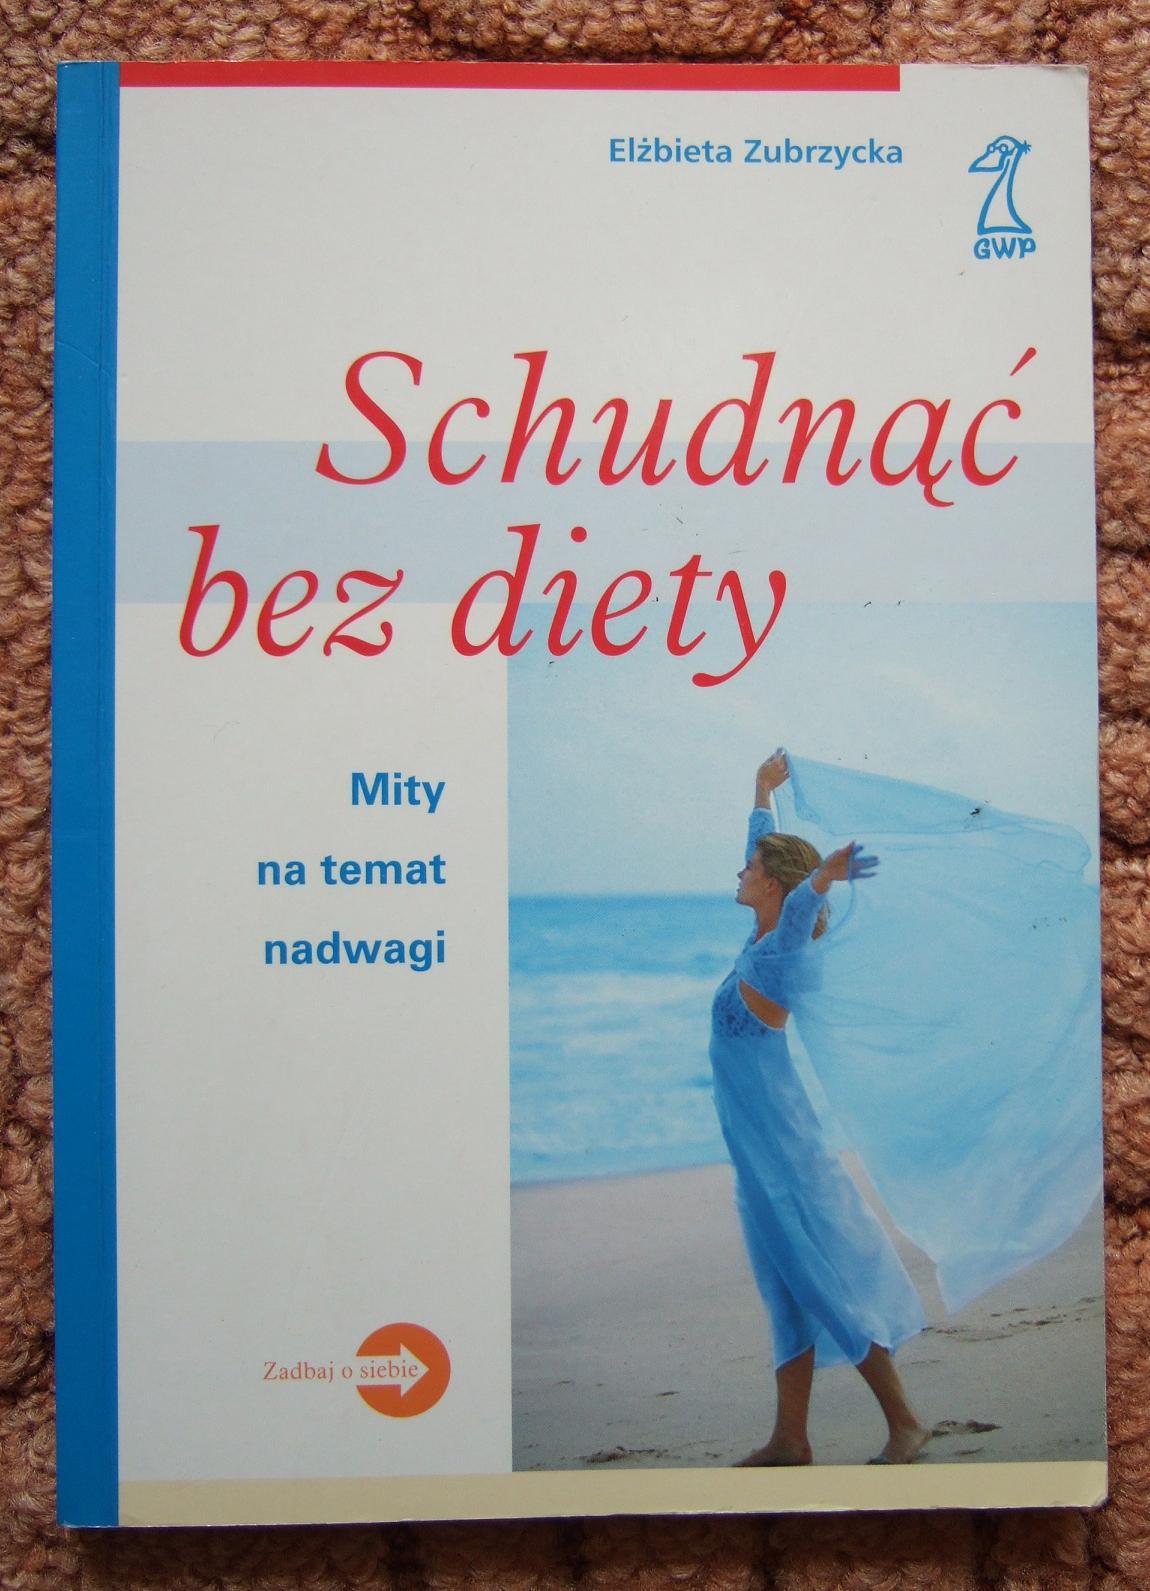 Schudnąć bez diety. Mity na temat nadwagi - Elżbieta Zubrzycka   Książka   Poradniki   sunela.eu